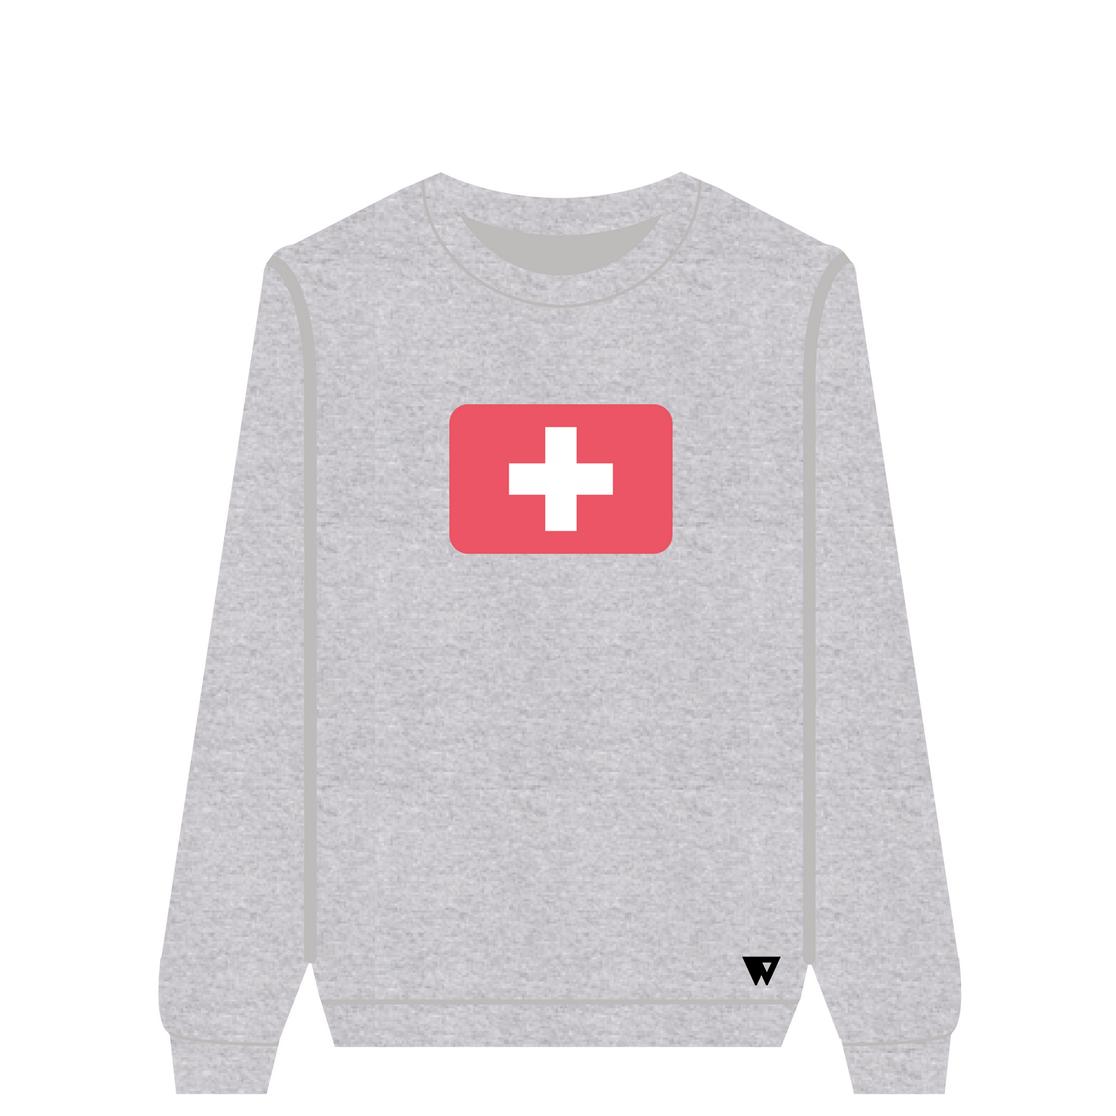 Sweatshirt Swiss | Wuzzee